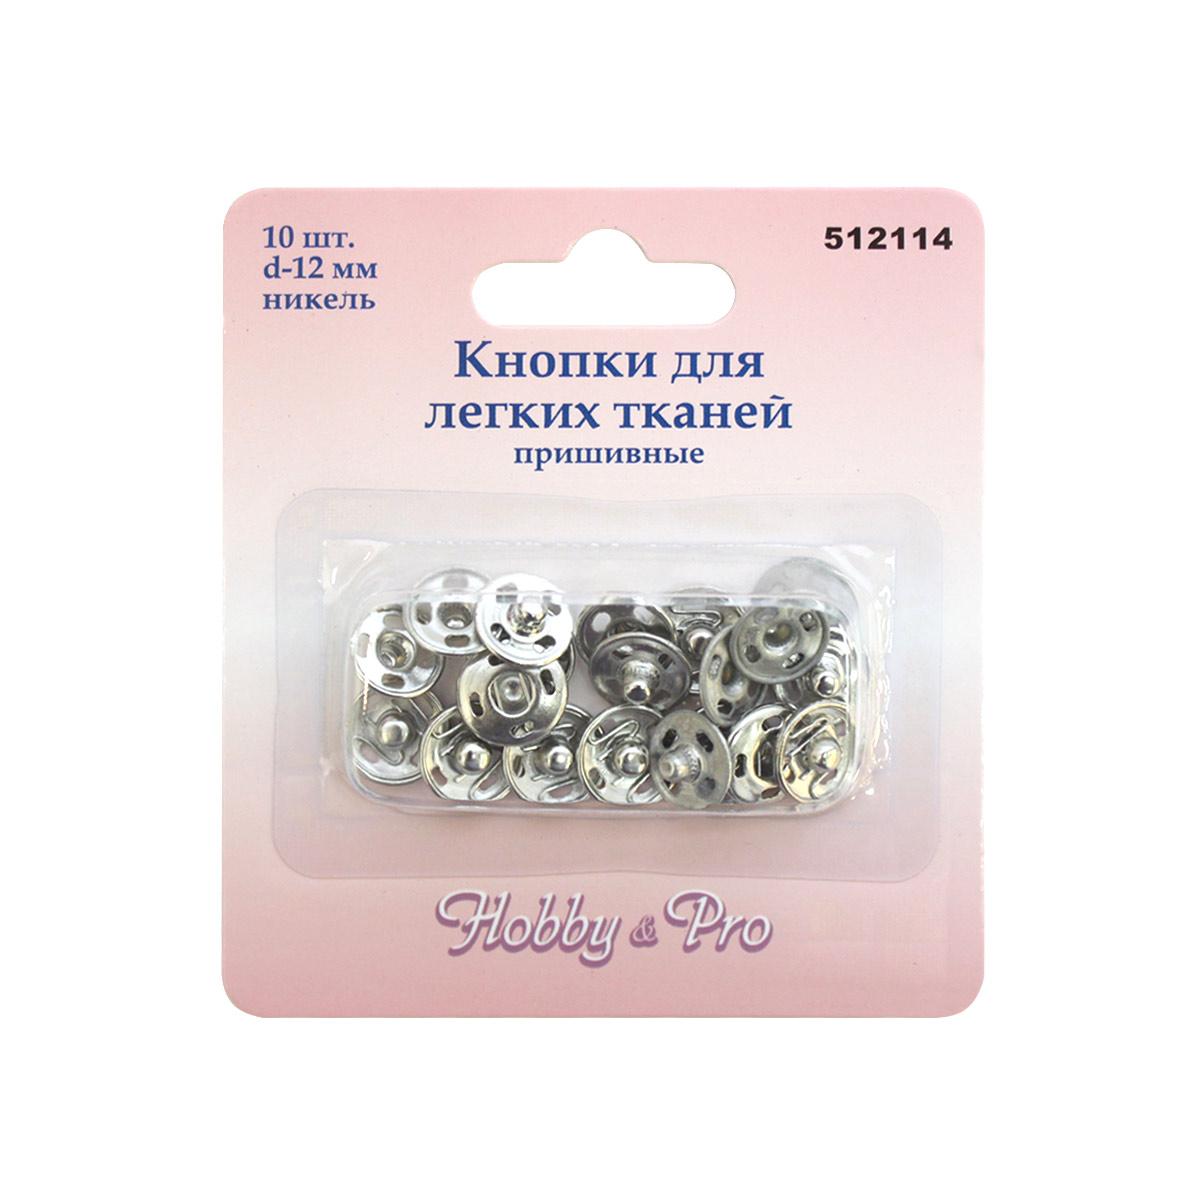 512114 Кнопки для легких тканей пришивные, никель, d 12 мм, упак./10 шт., Hobby&Pro